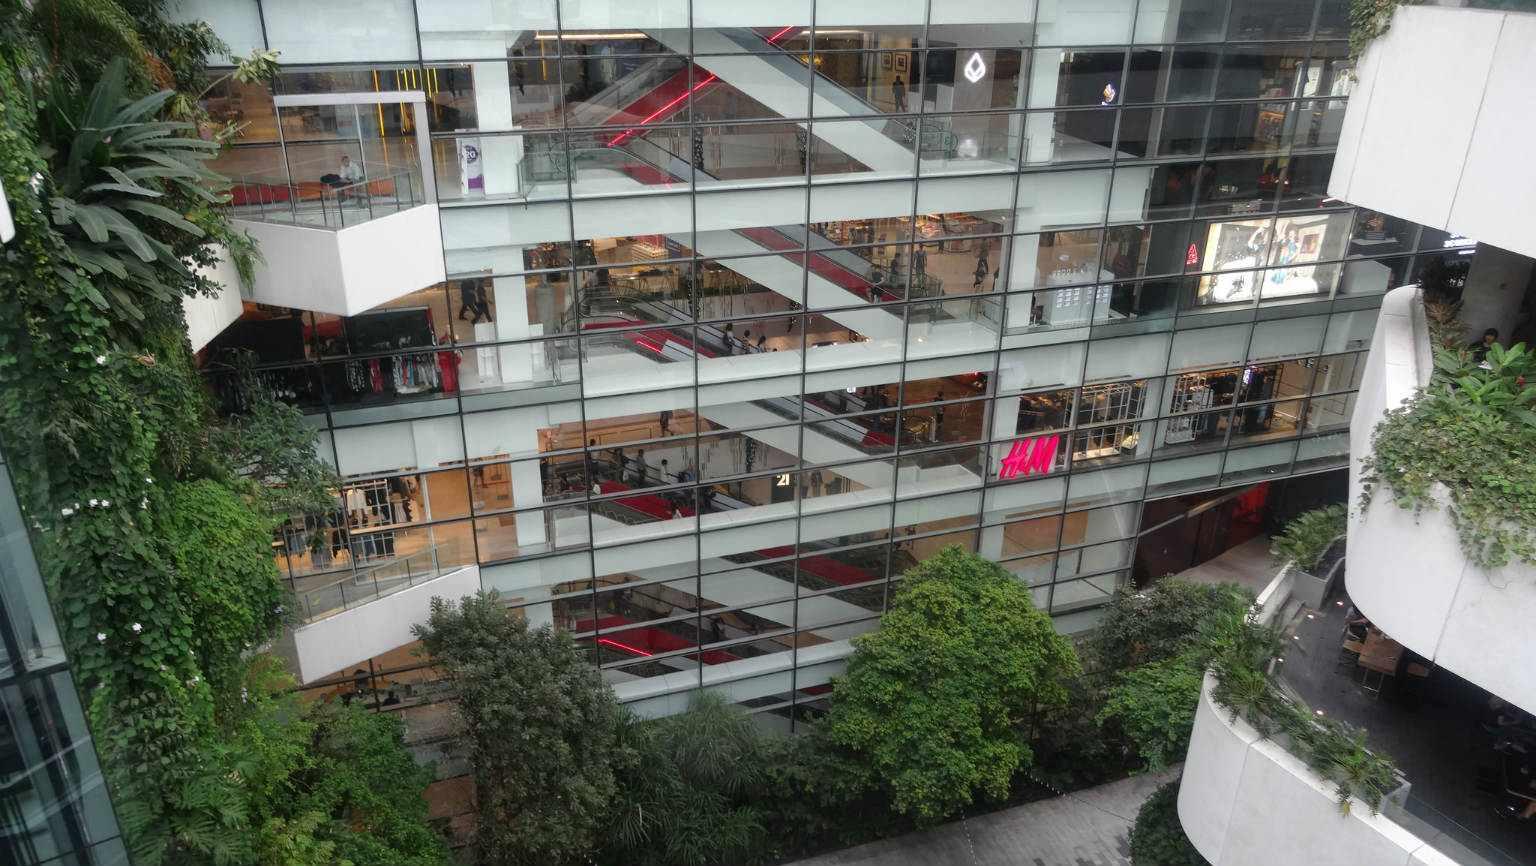 De H&M en roltrappen van het luxe engrote EmQuartier Shopping Mall in Bangkok